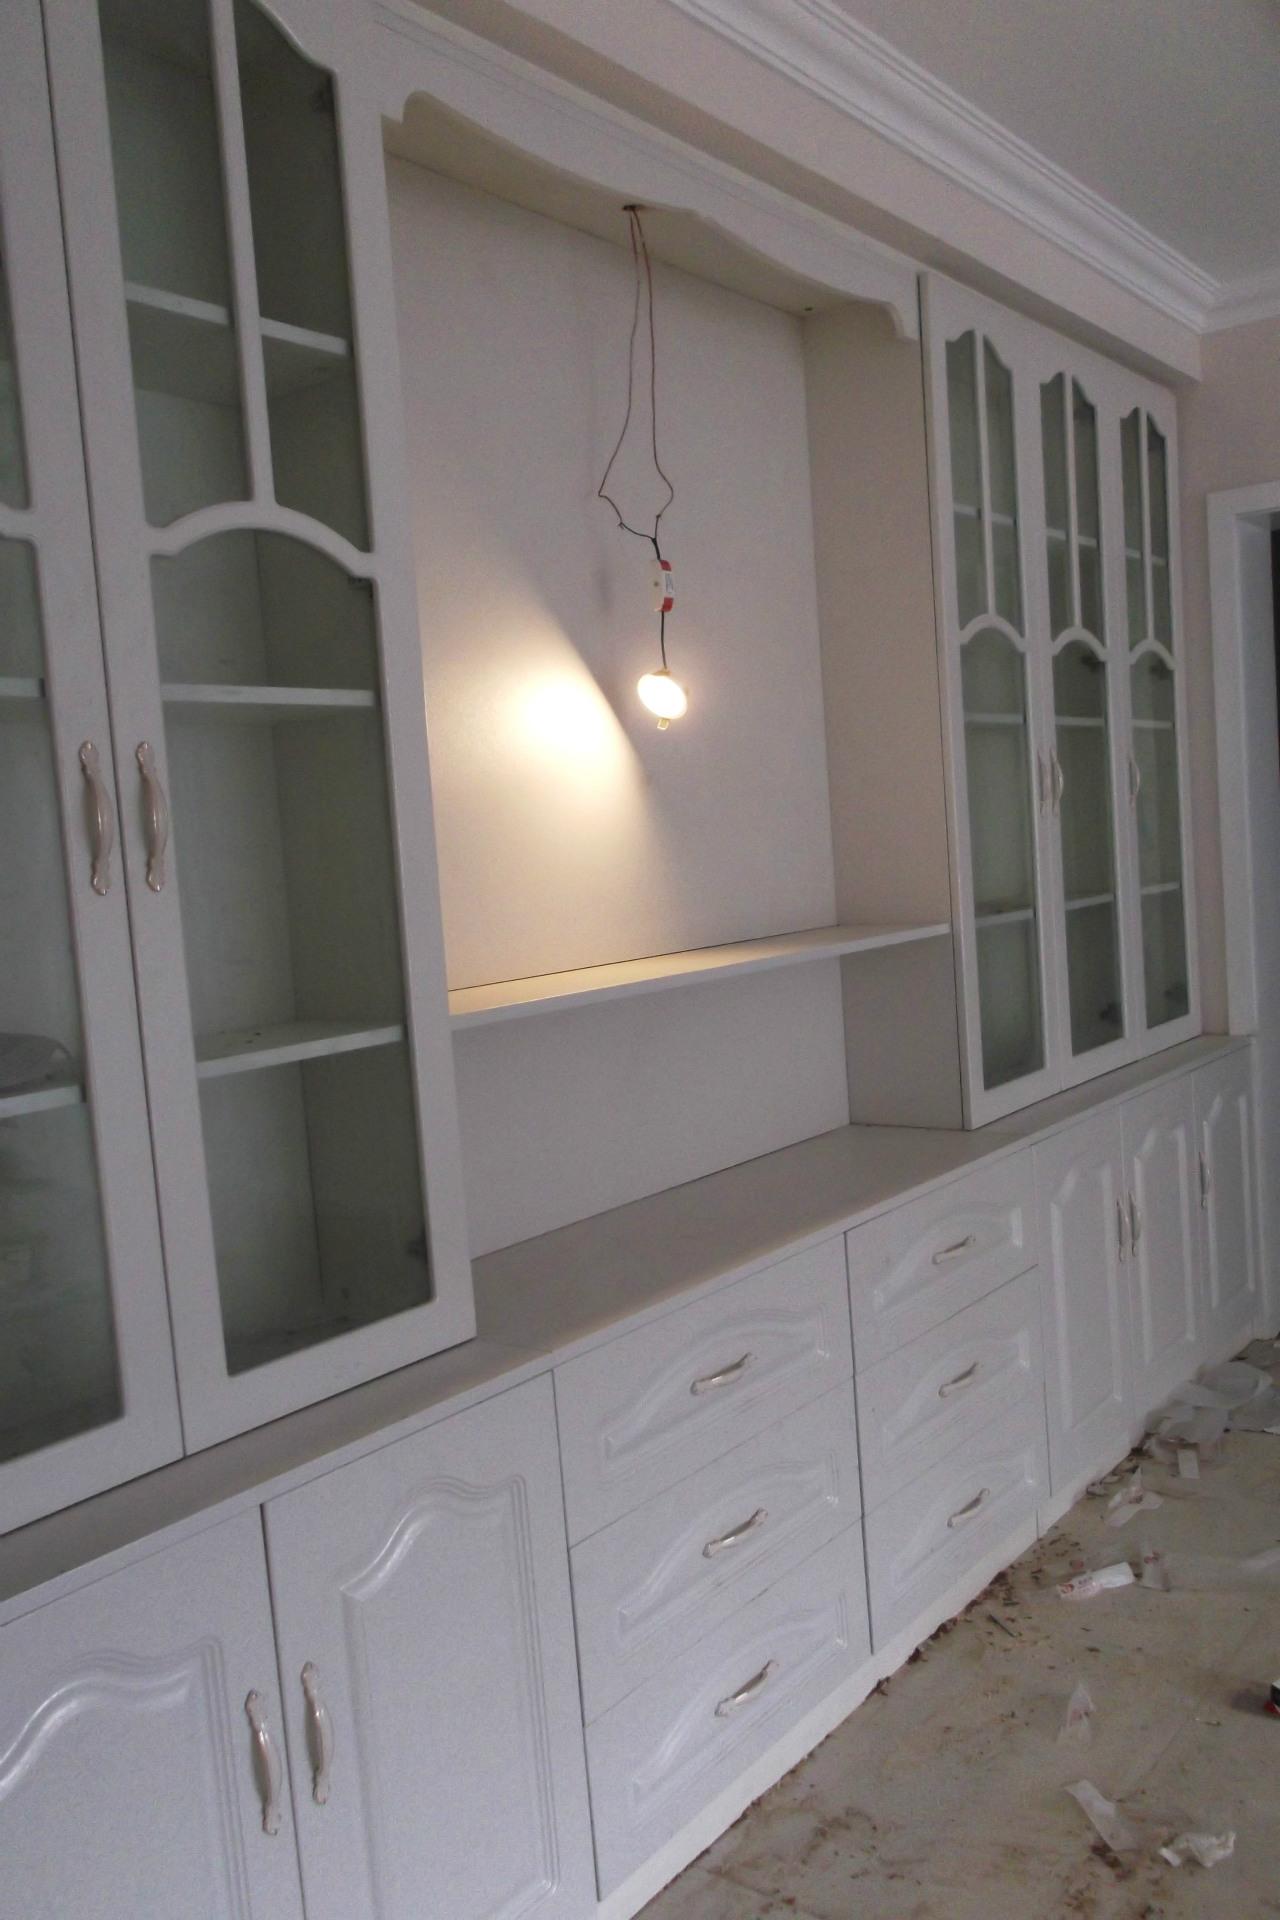 家直销定制酒柜鞋柜衣柜书桌书架20131205 阿里巴巴